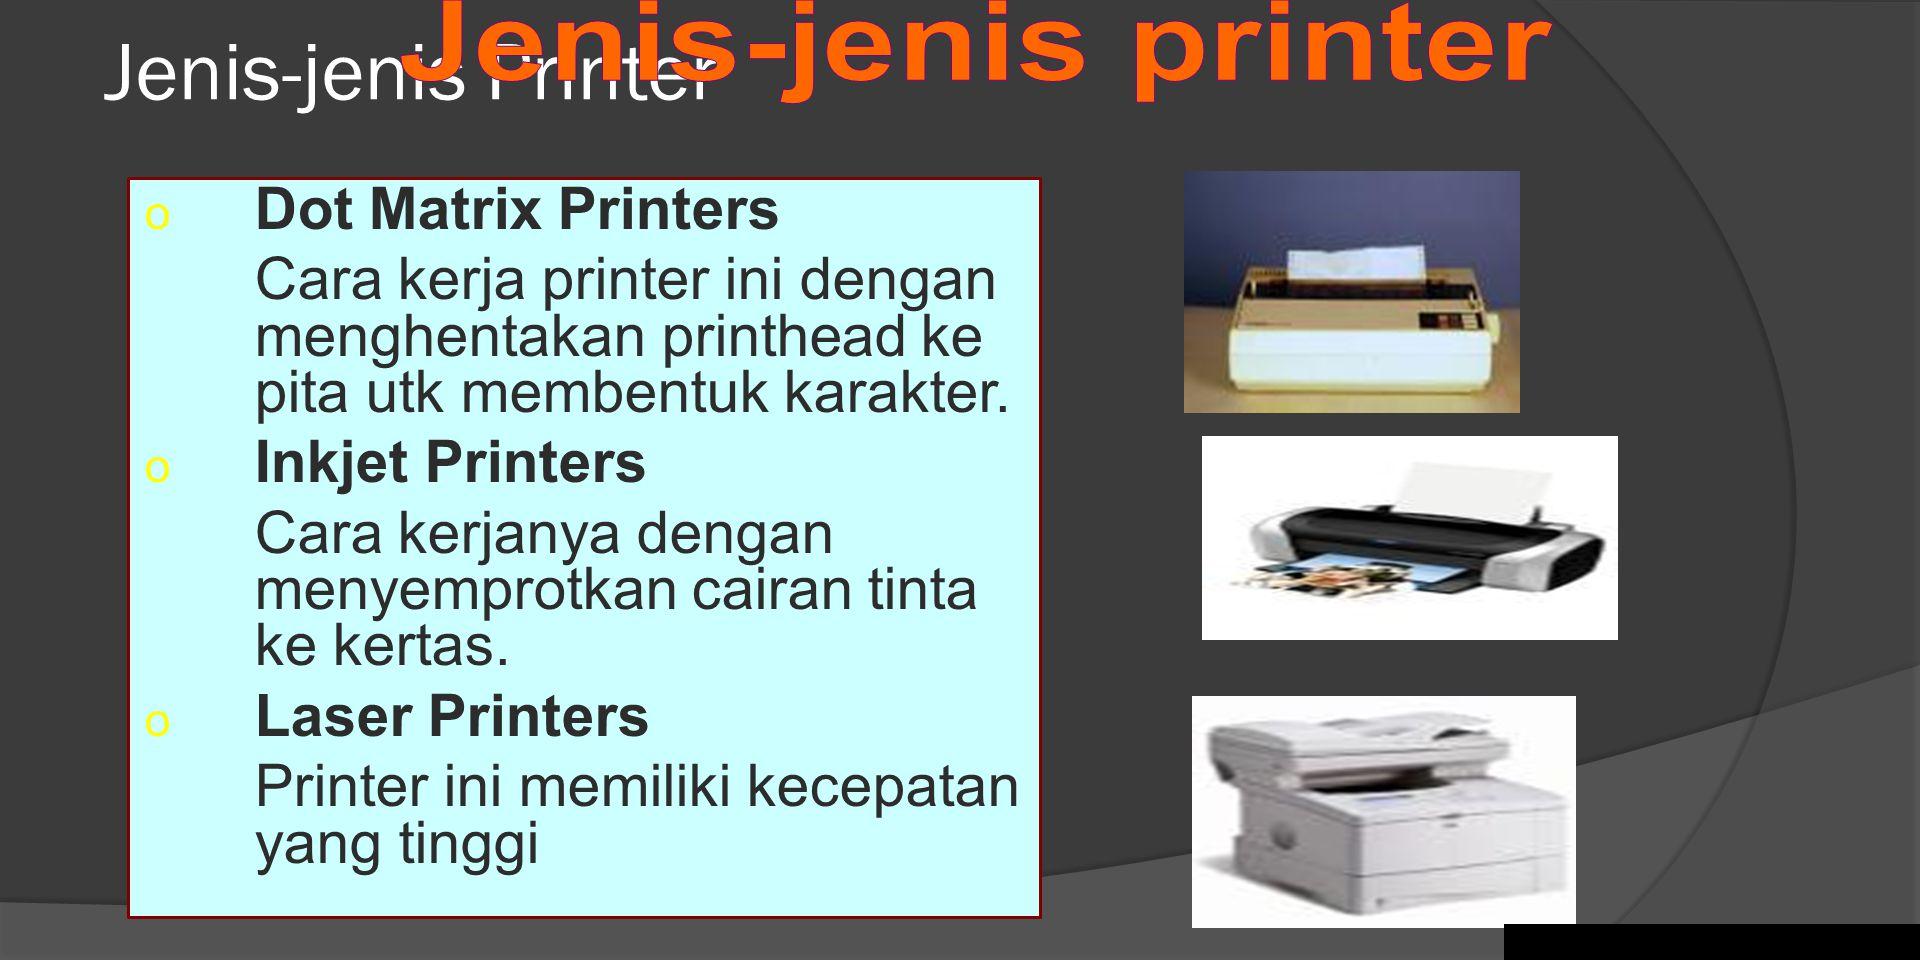 Jenis-jenis Printer o Dot Matrix Printers Cara kerja printer ini dengan menghentakan printhead ke pita utk membentuk karakter. o Inkjet Printers Cara